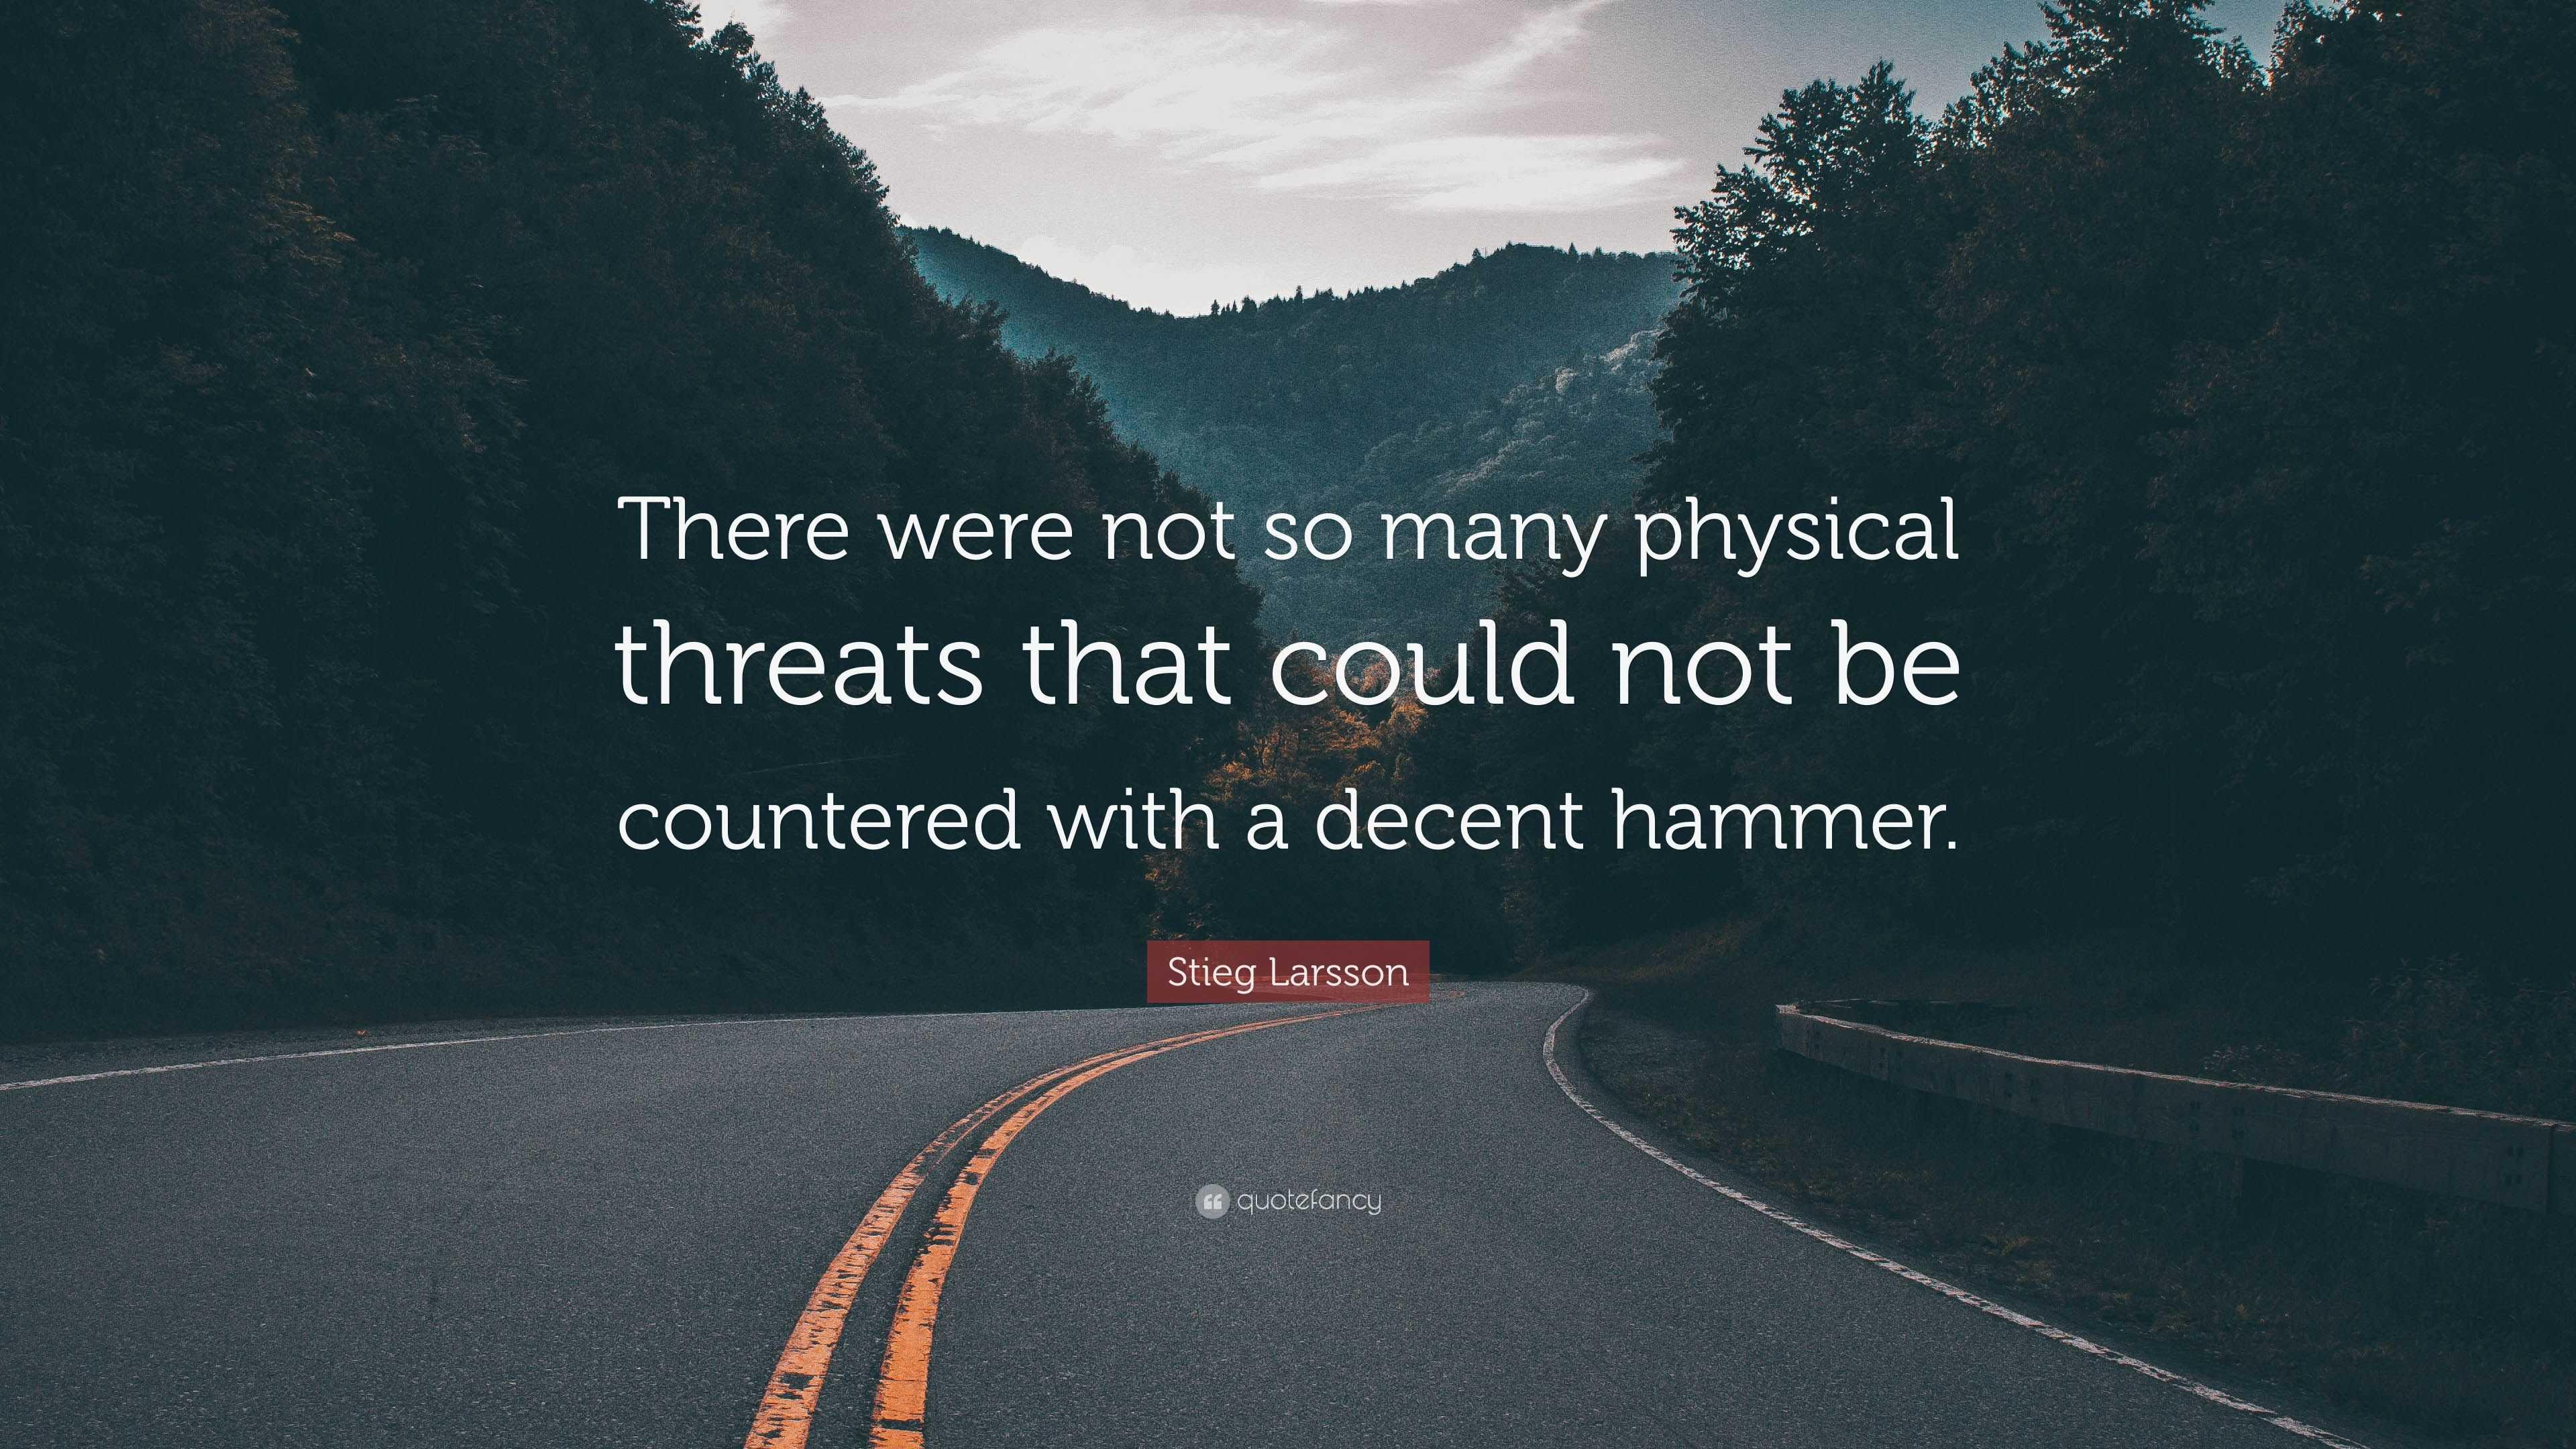 physical threats